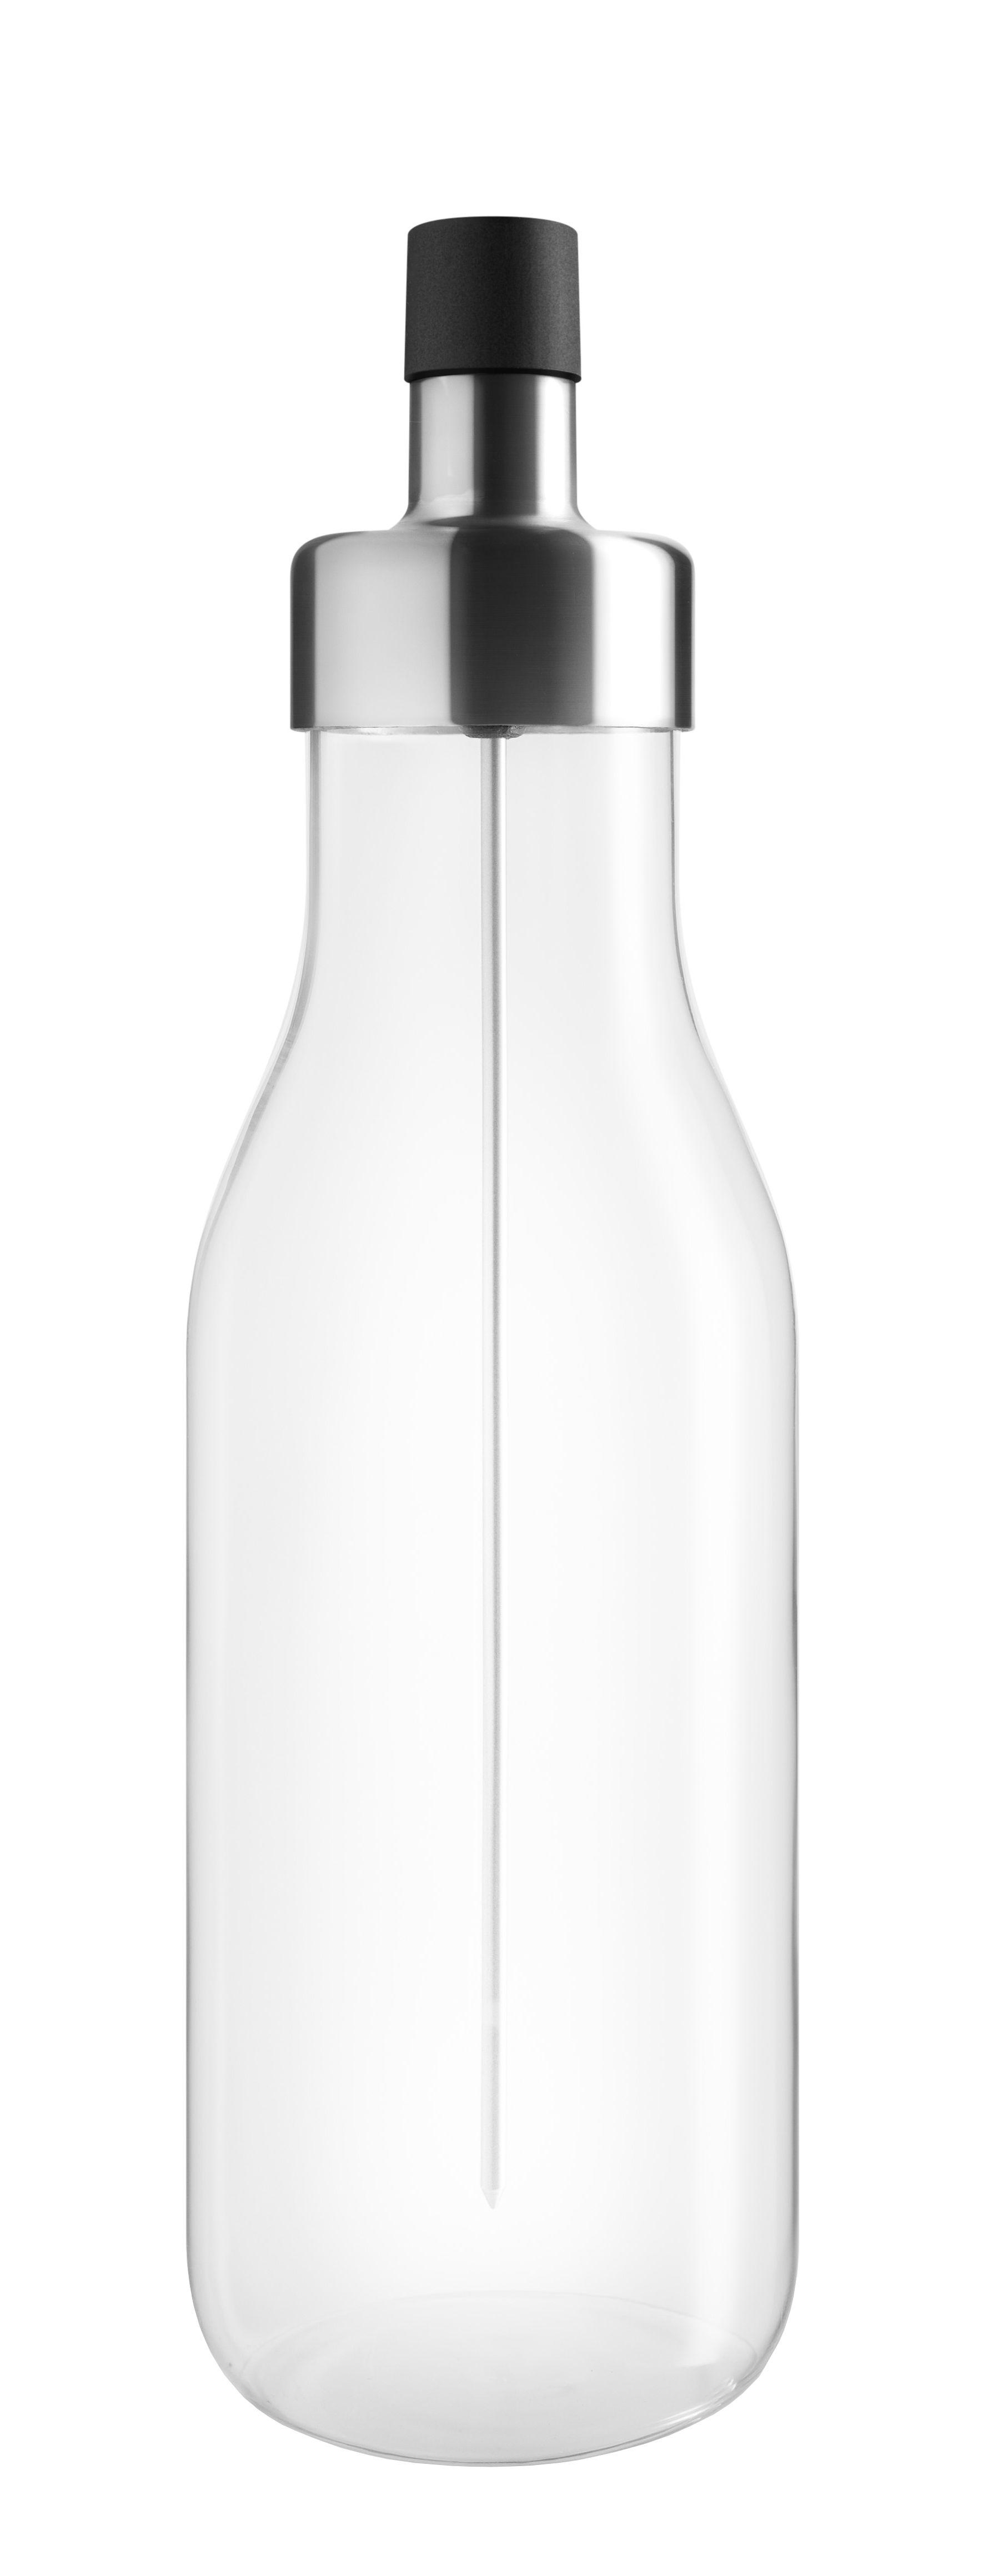 Arts de la table - Huile et vinaigre - Huilier MyFlavour / Stoppe-goutte - Pic à saveurs - Eva Solo - Transparent - Acier inoxydable, Silicone, Verre borosilicaté